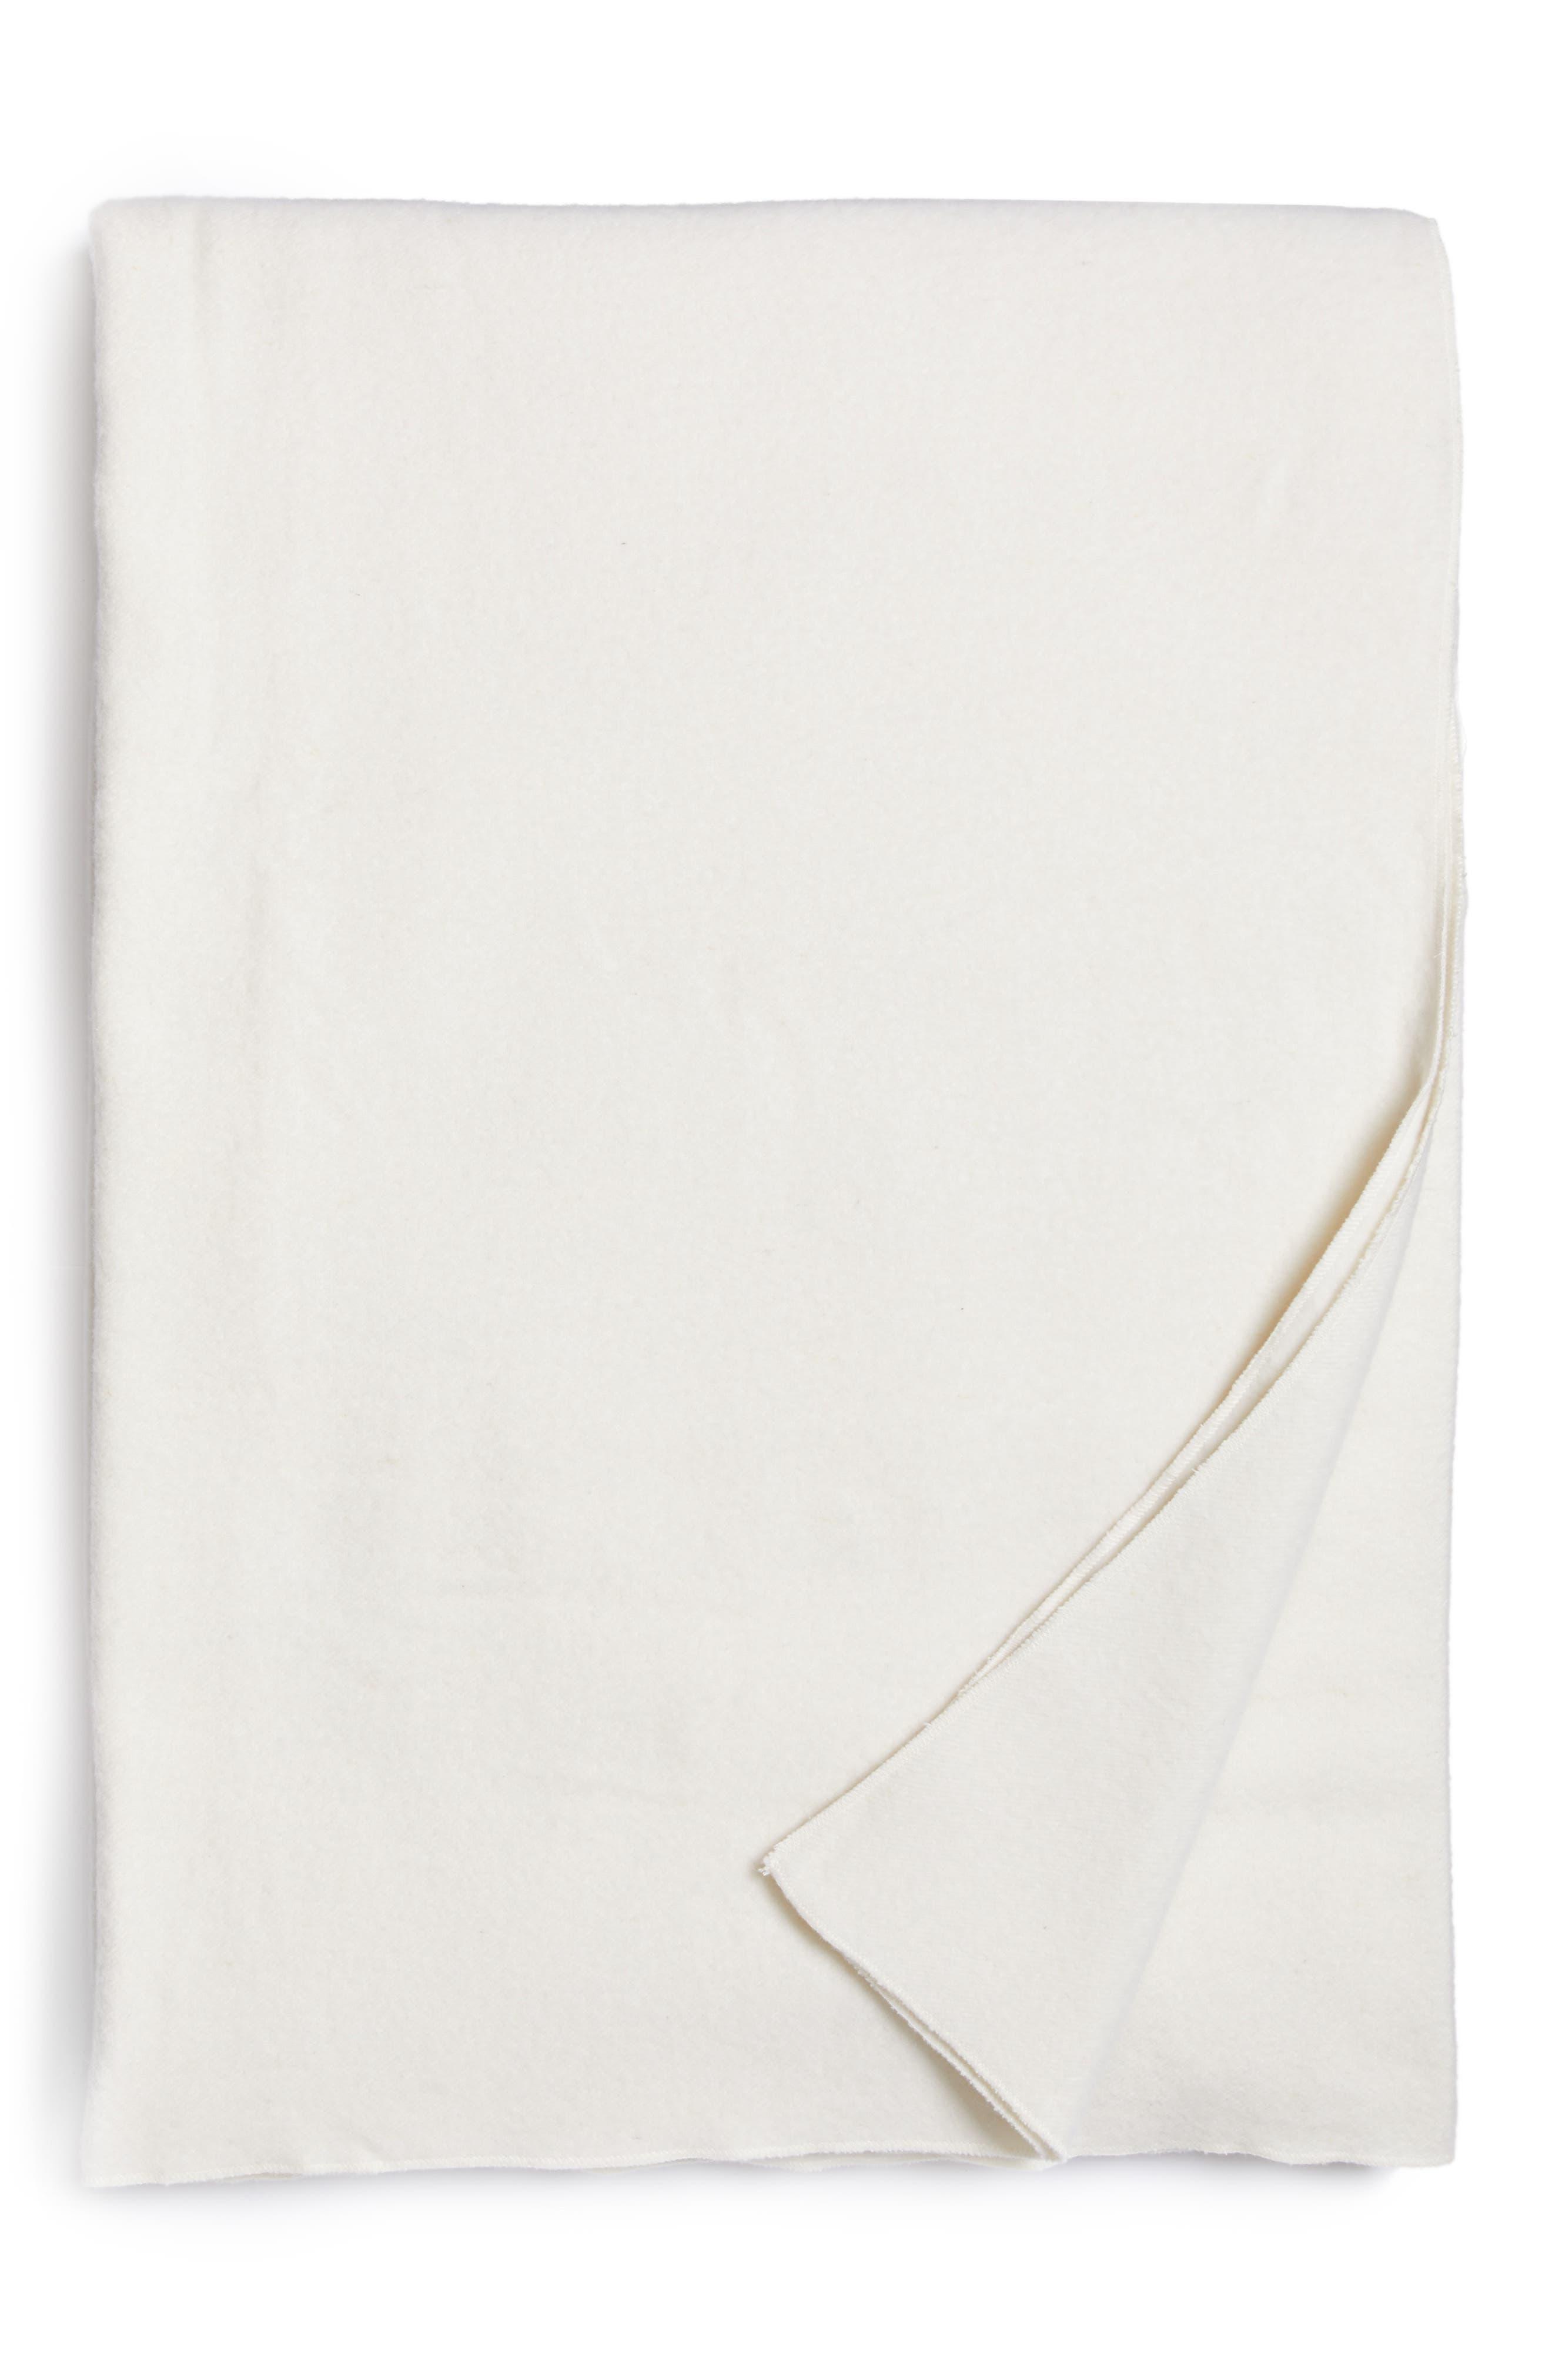 Calvin Klein Home Series 1 Wool Blanket